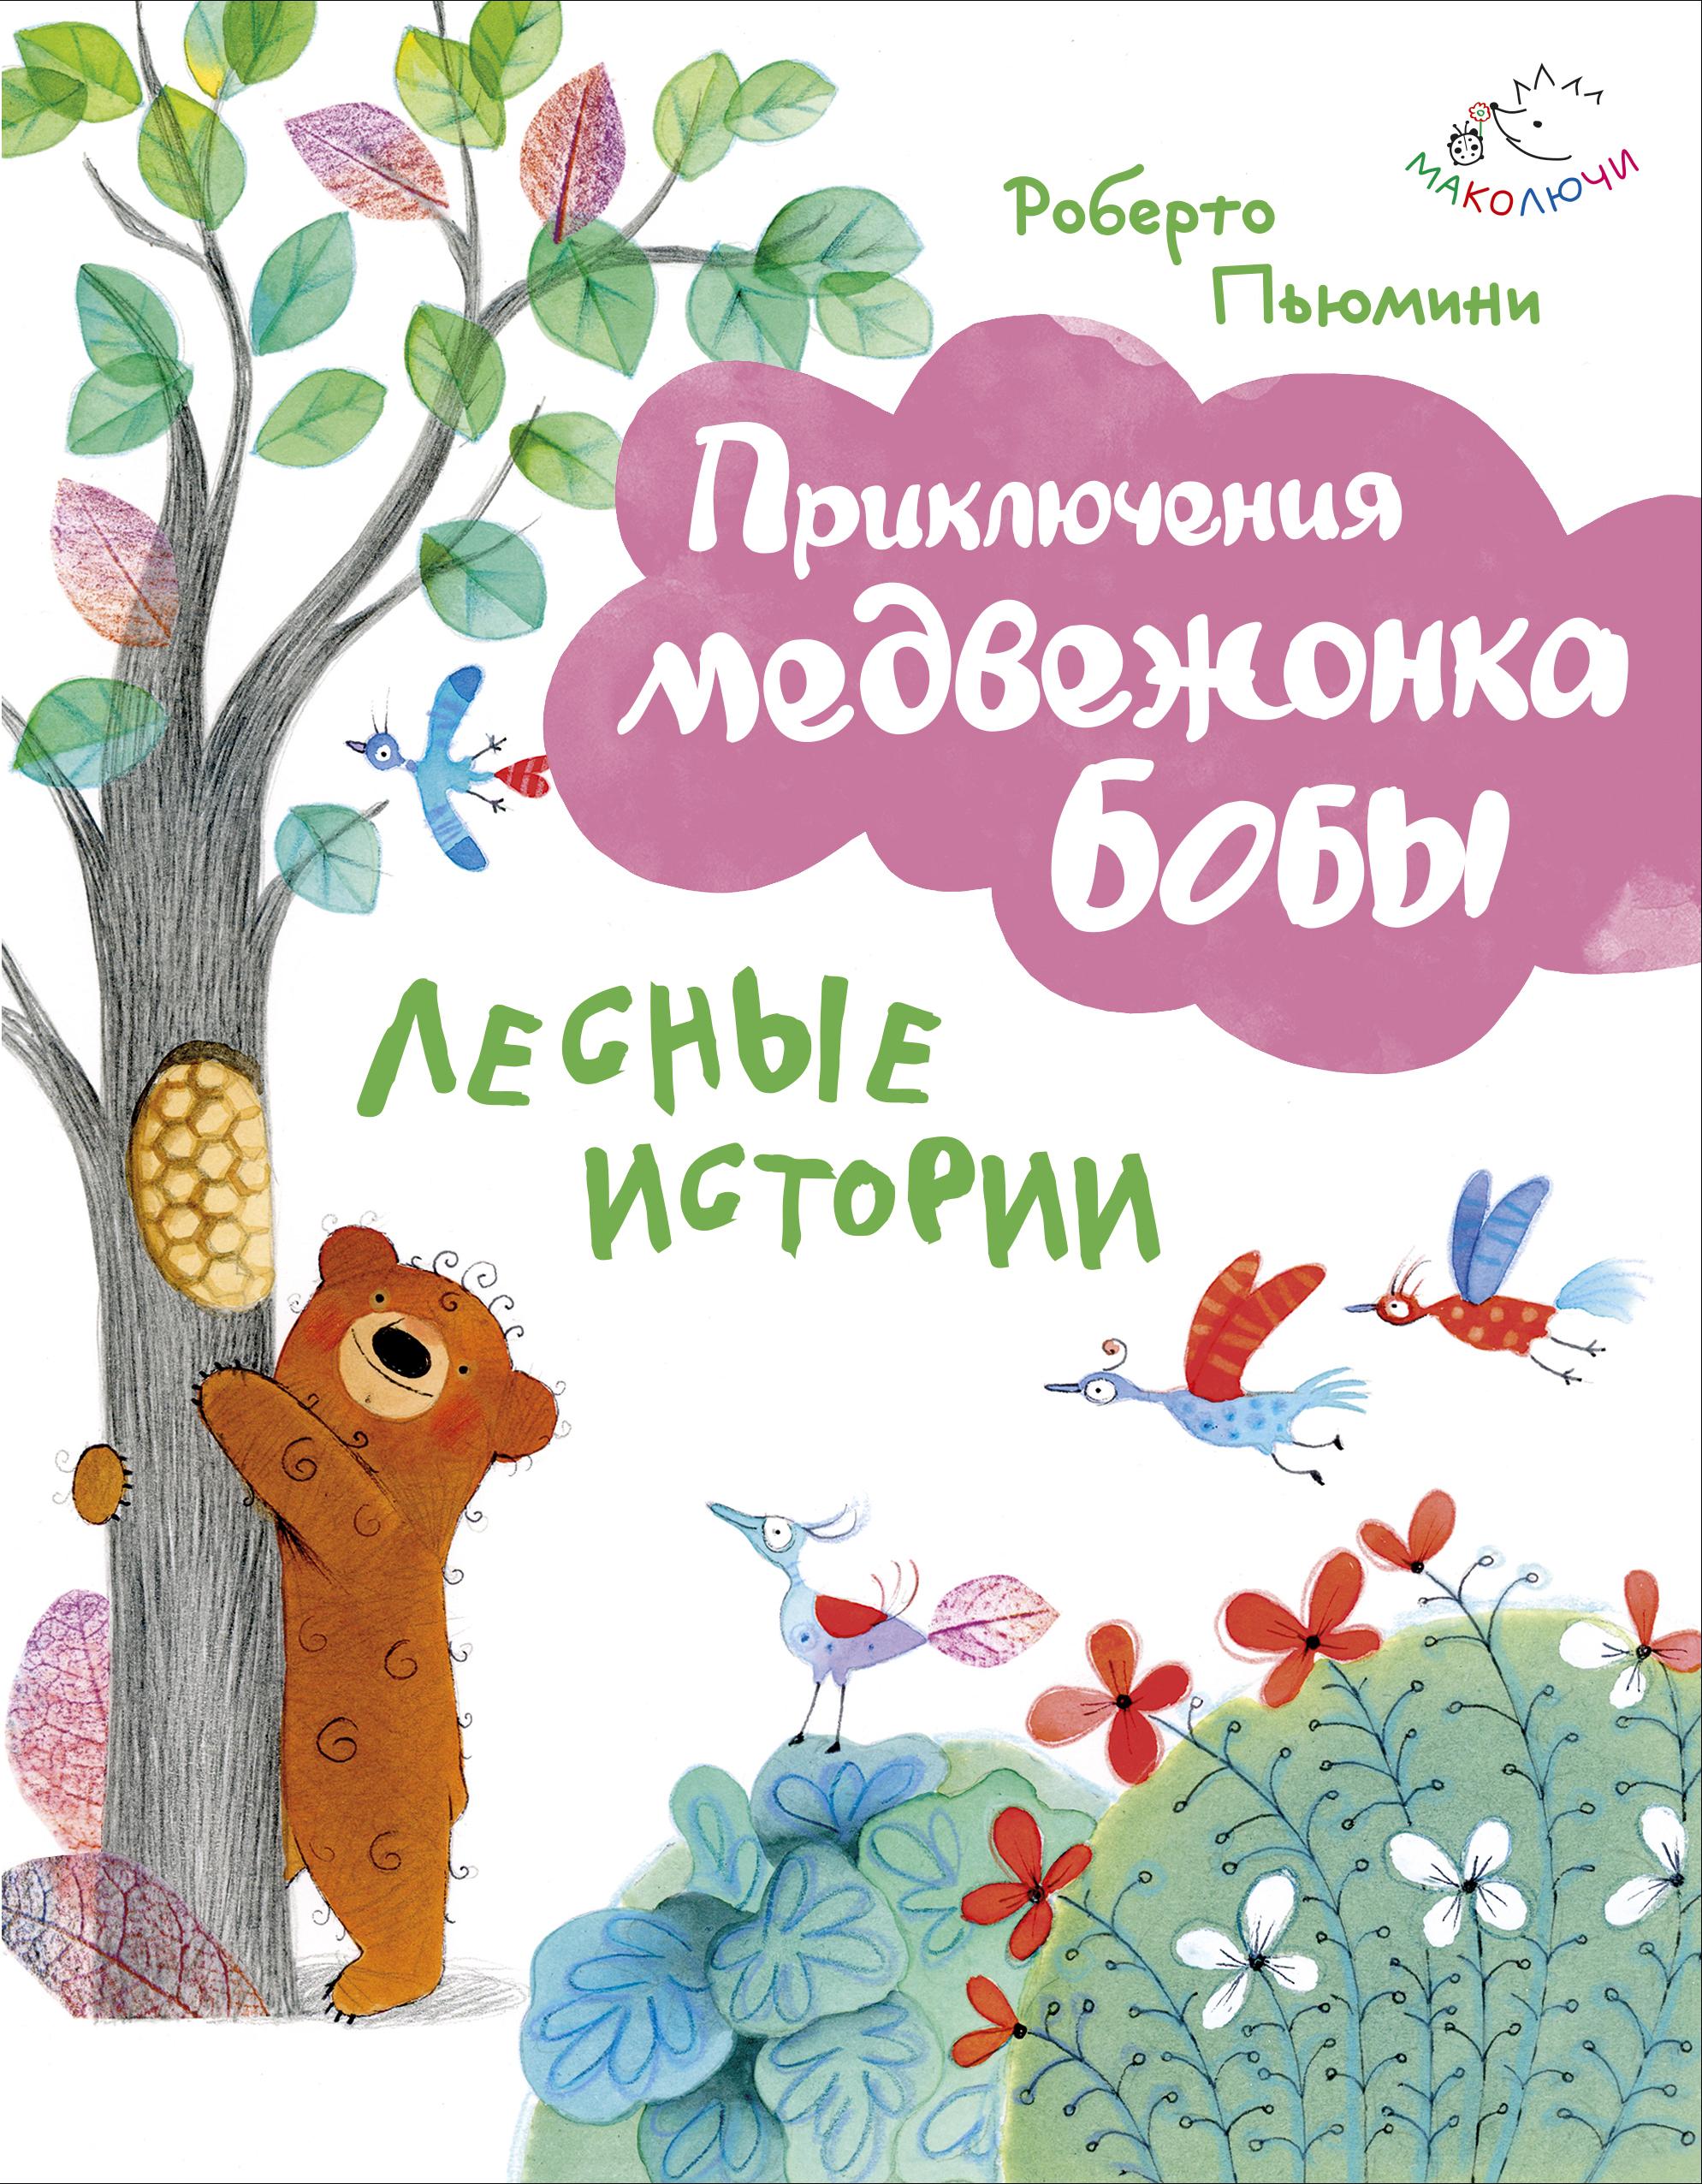 Пьюмини Р. Лесные истории (ил. А. Курти) ISBN: 978-5-699-84333-6 российские авторы женской детективной прозы р я эксмо 978 5 699 79016 6